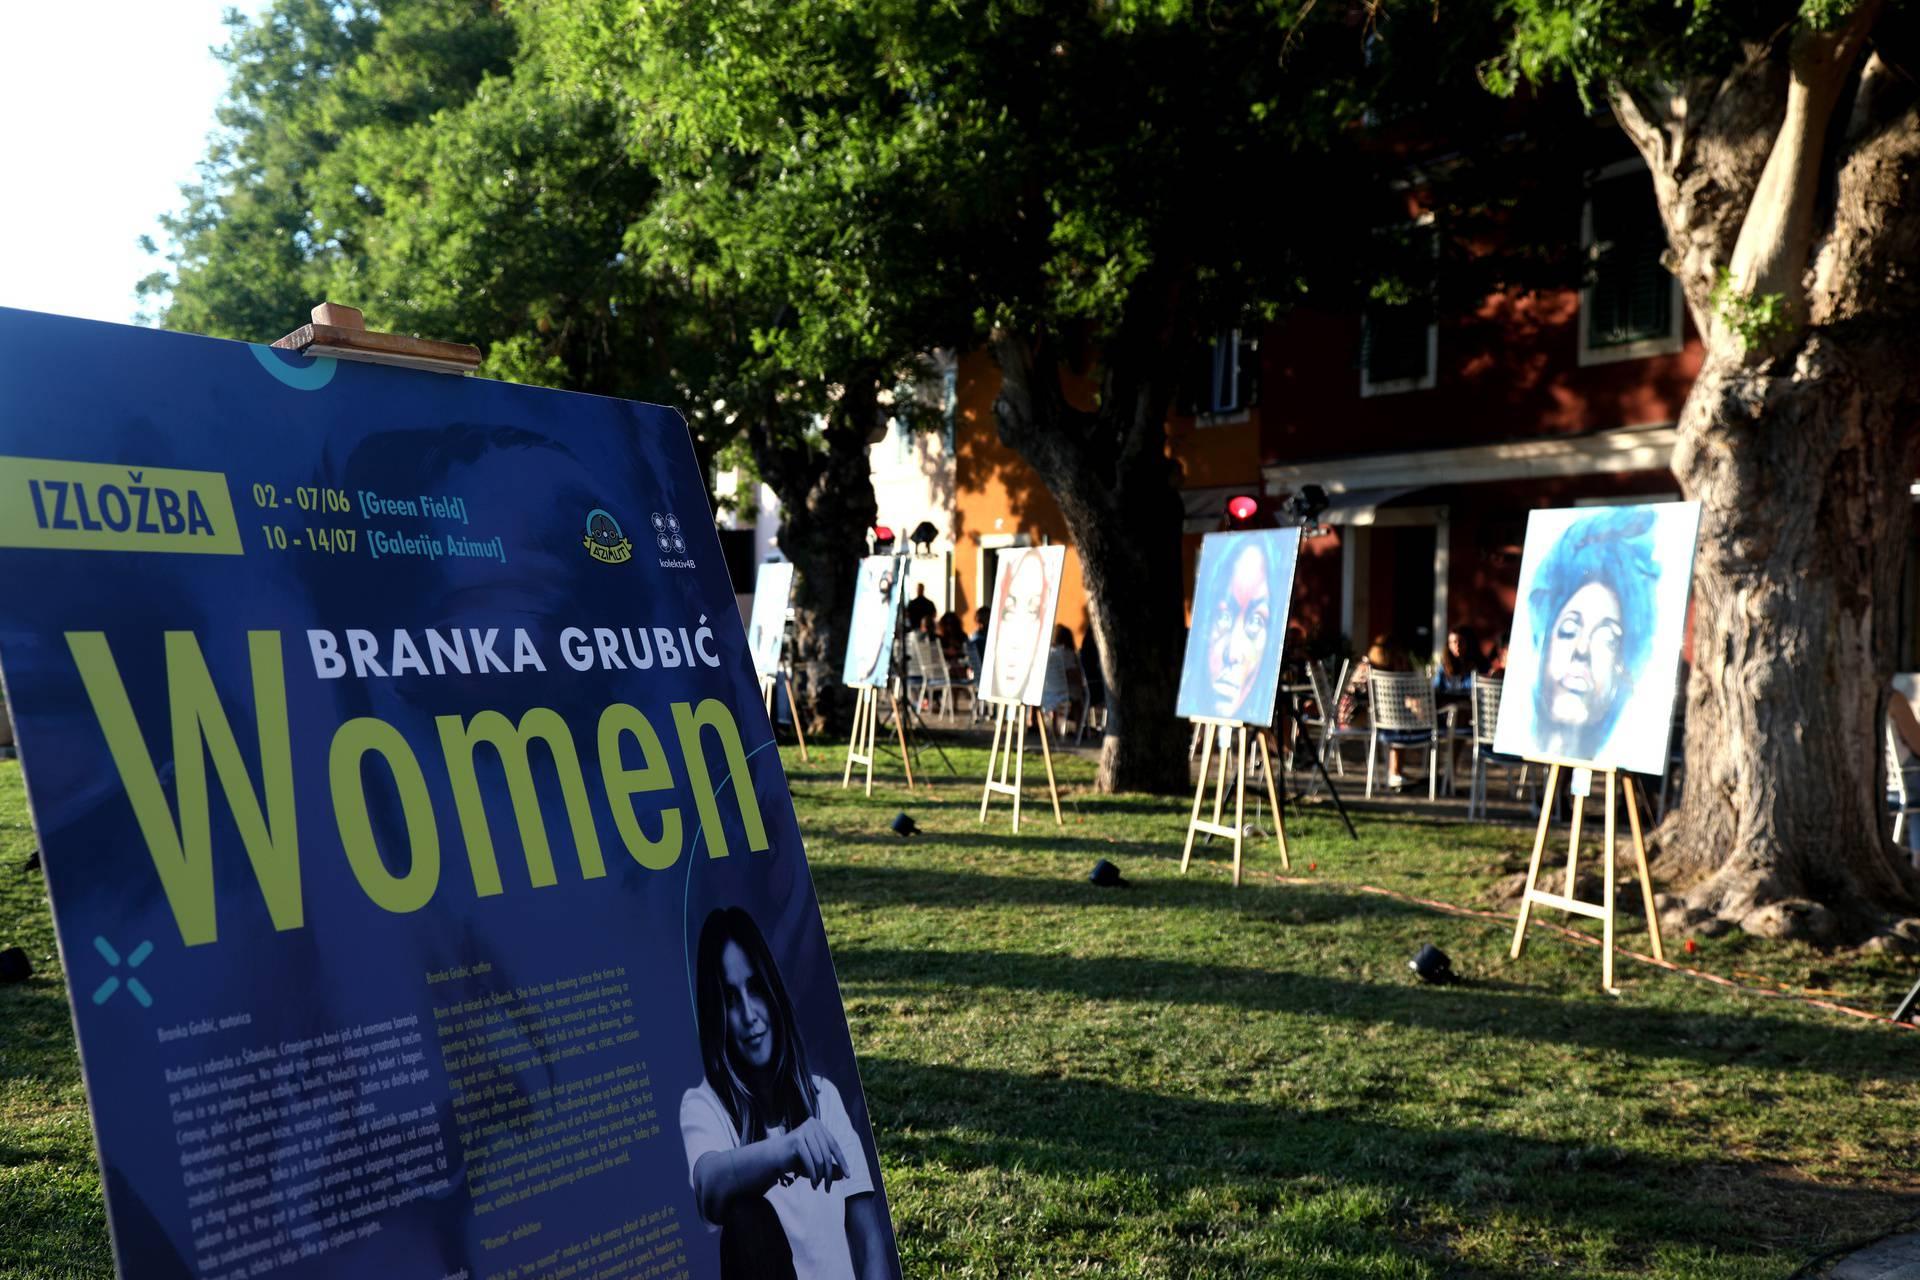 Umjetnica Branka Grubić novu izložbu posvetila ljepoti žene